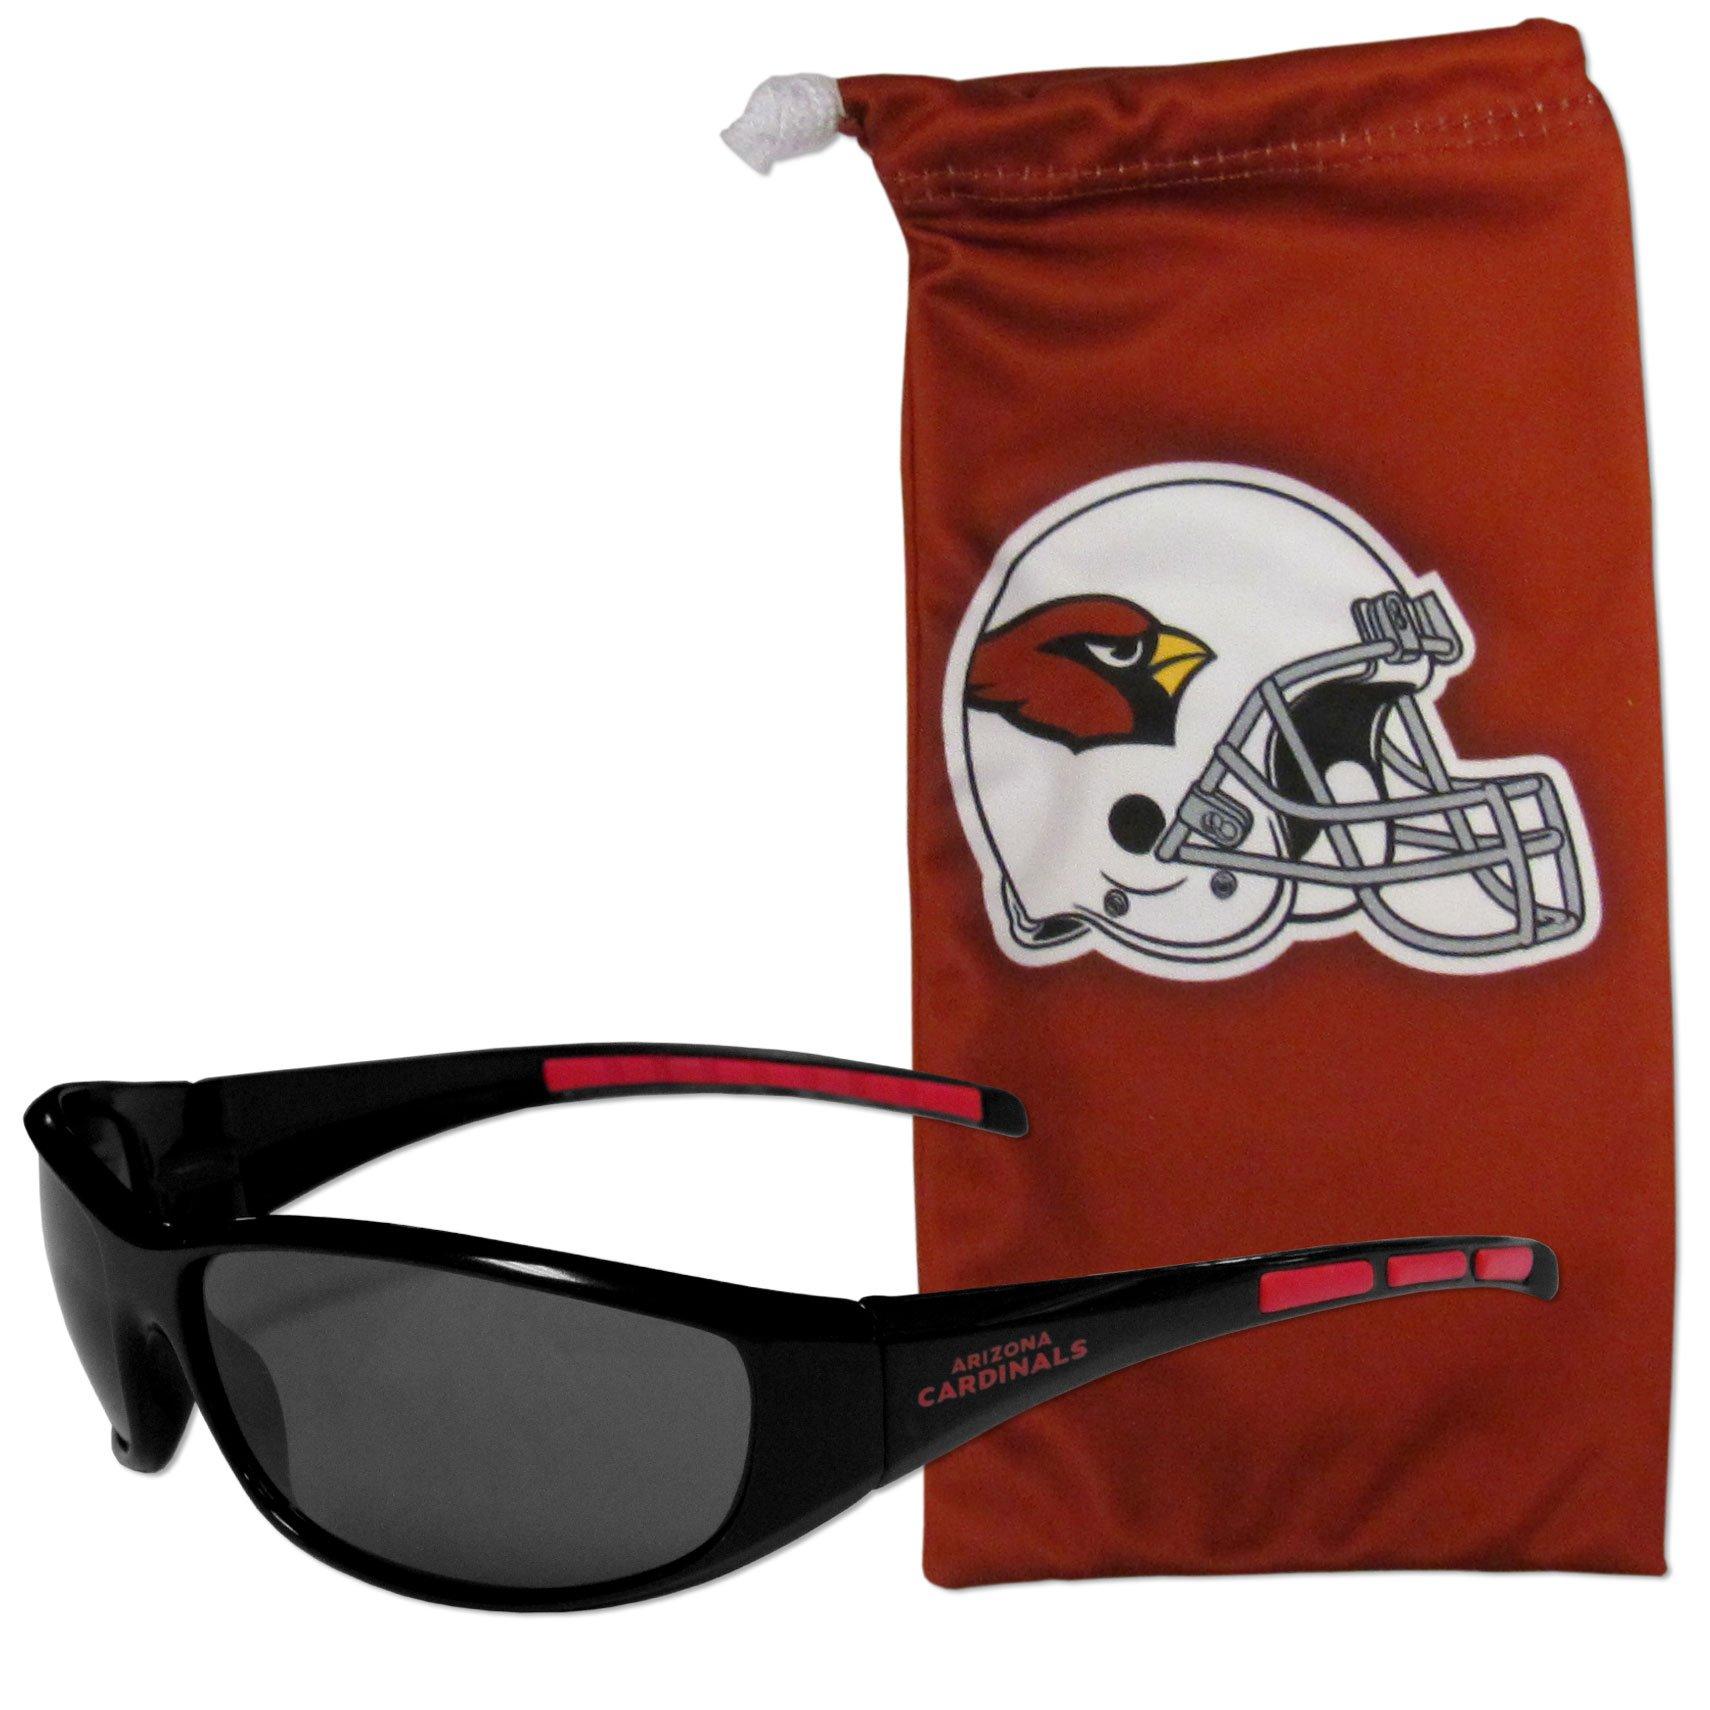 NFL Arizona Cardinals Adult Sunglass and Bag Set, Red